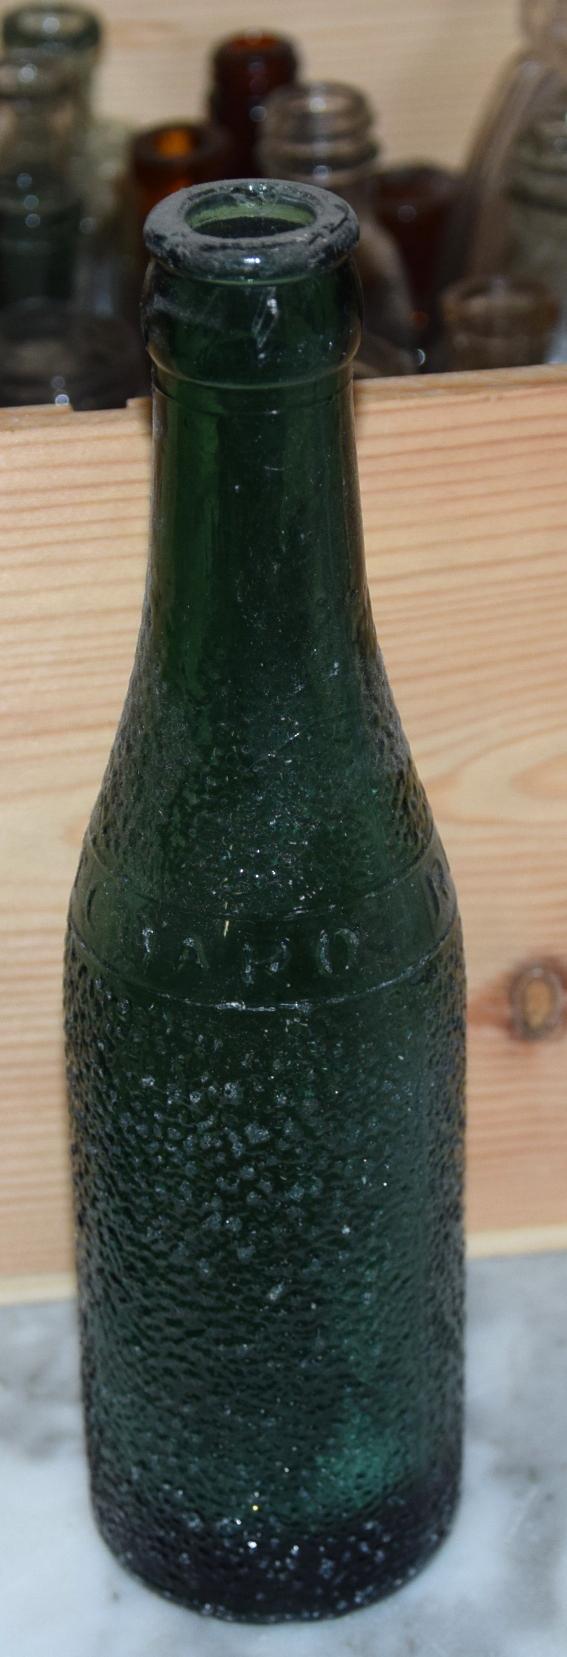 Bottiglietta Recoaro